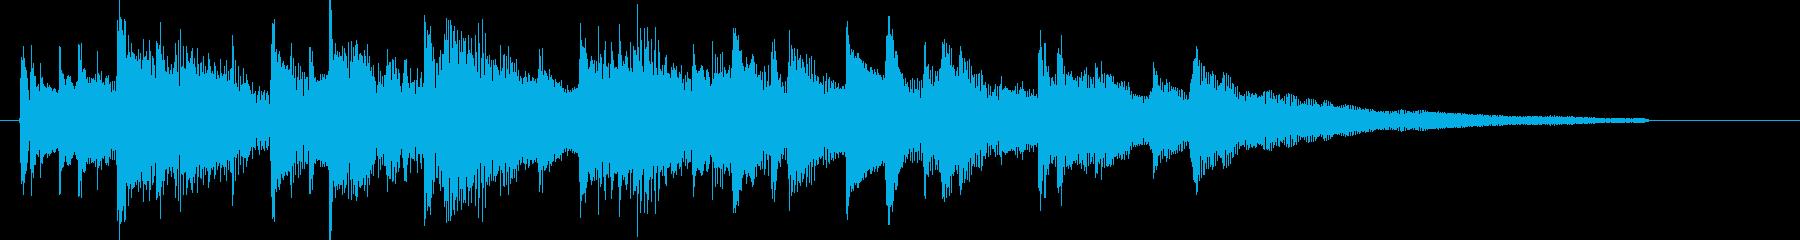 アコギ、明るい、感動、日常、CM15秒1の再生済みの波形